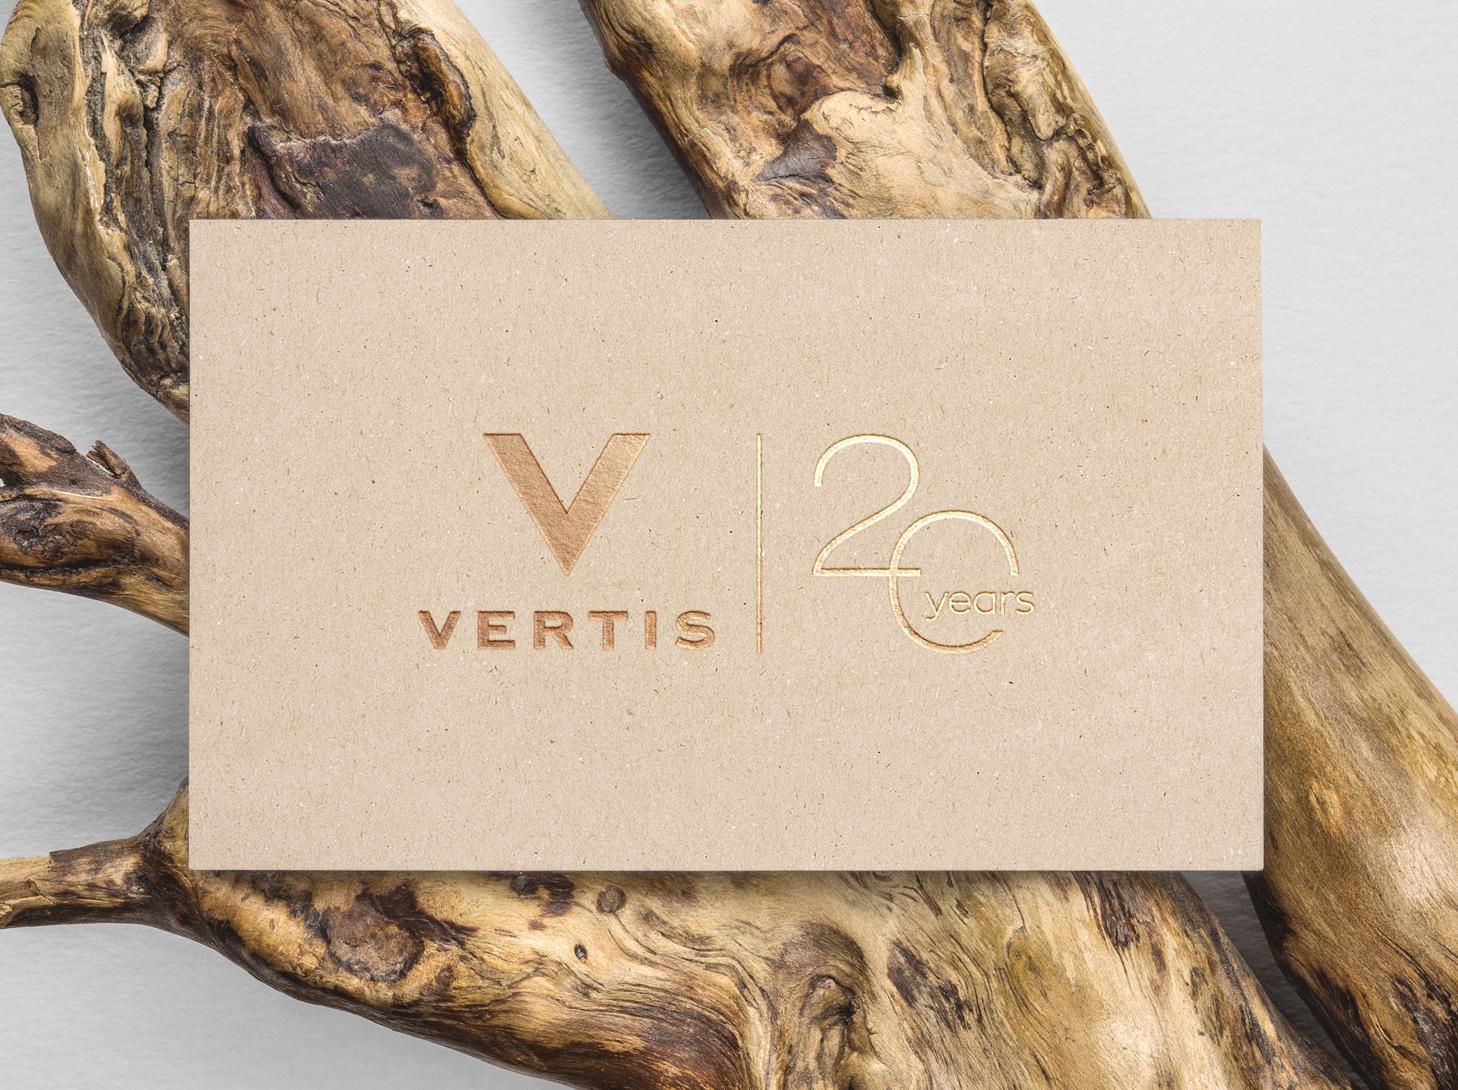 Vertis 20 Years - #identity